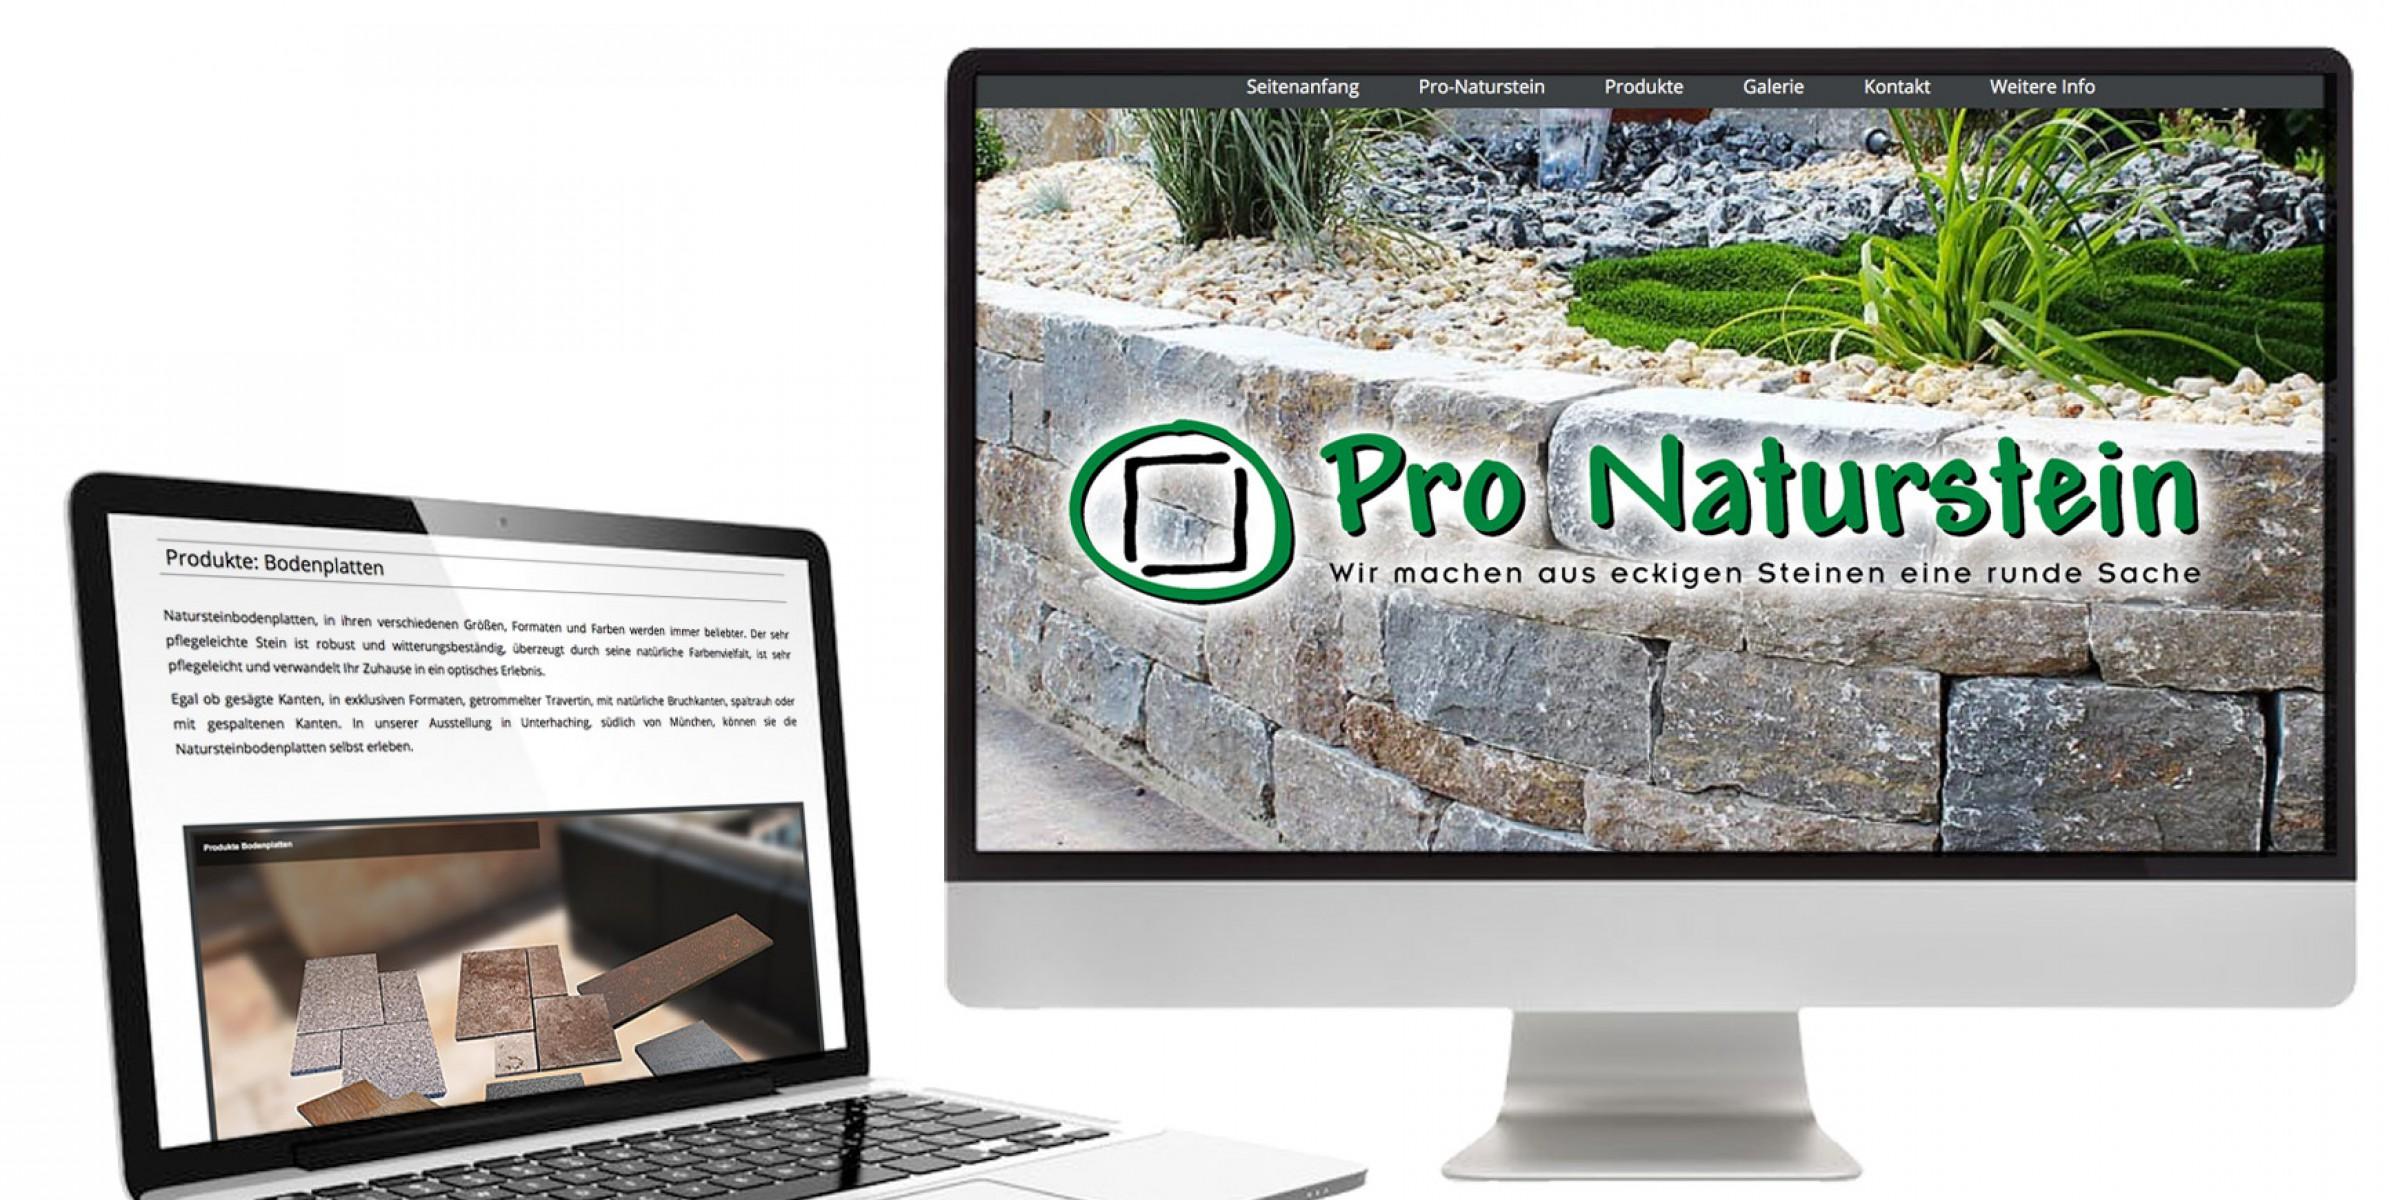 Pro Naturstein webdesign münchen tegernsee gmund miesbach bad tölz seo münchen